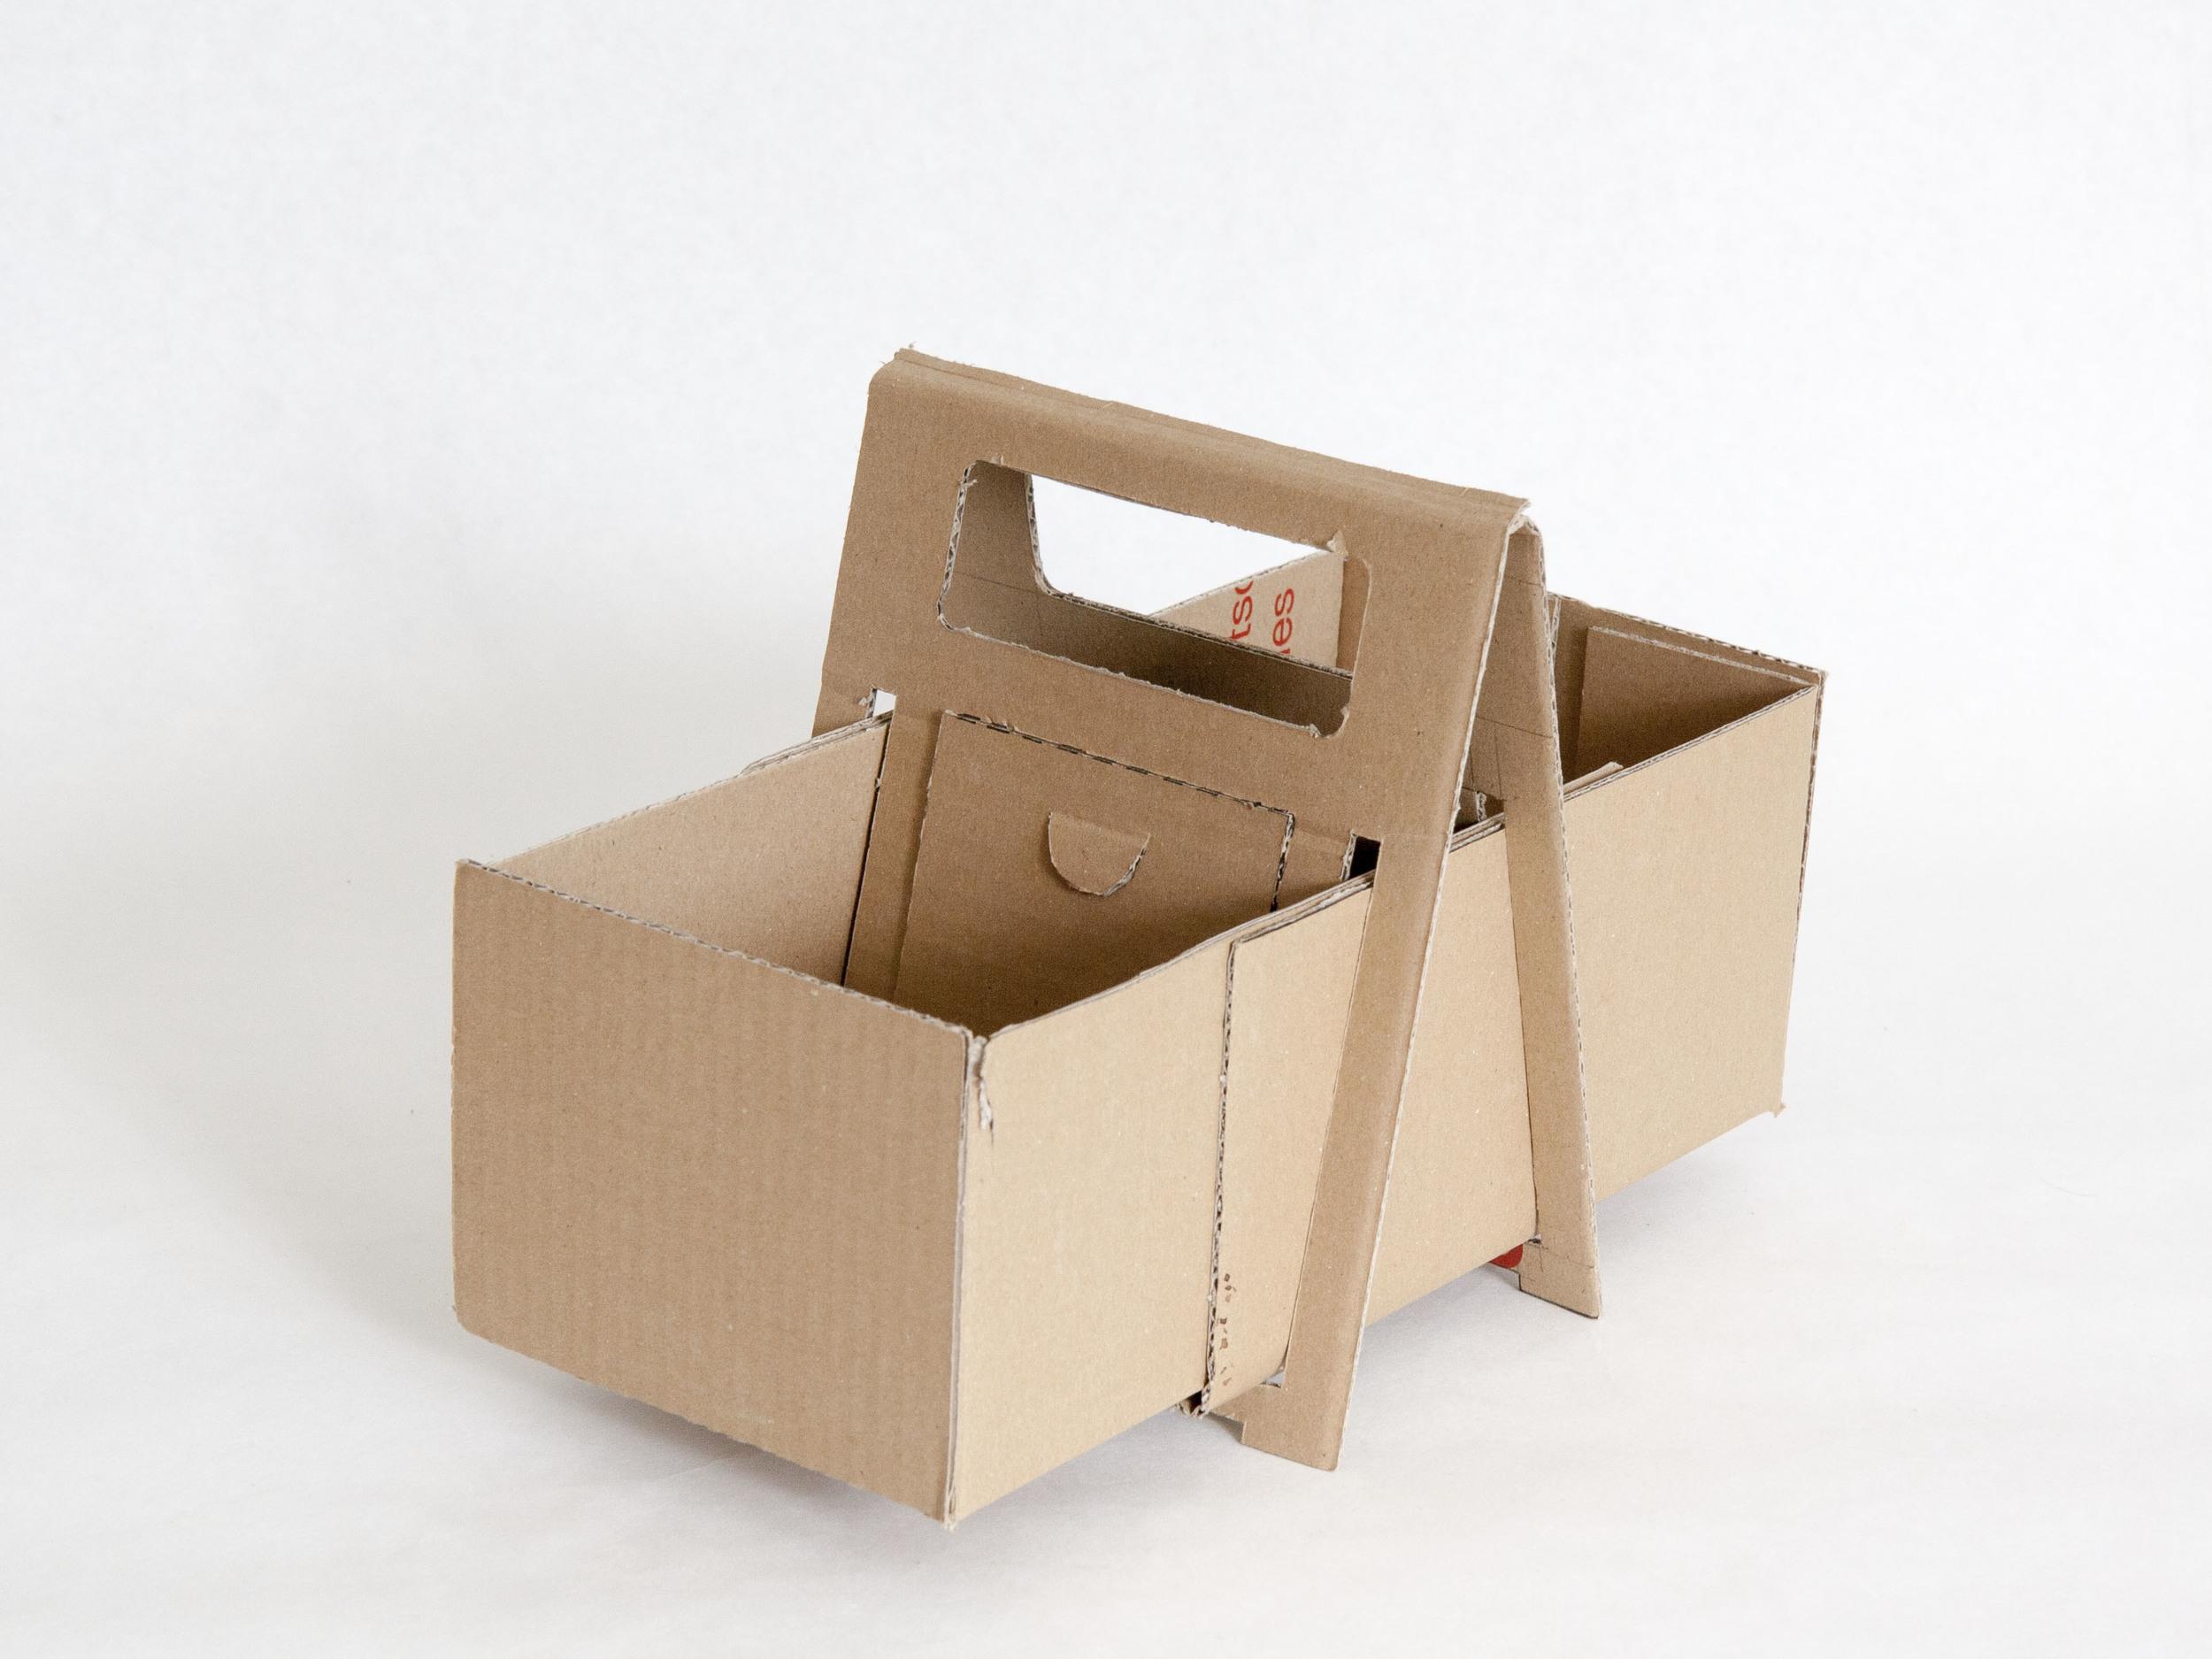 packaging_prozess_kreativkonsum06.jpg